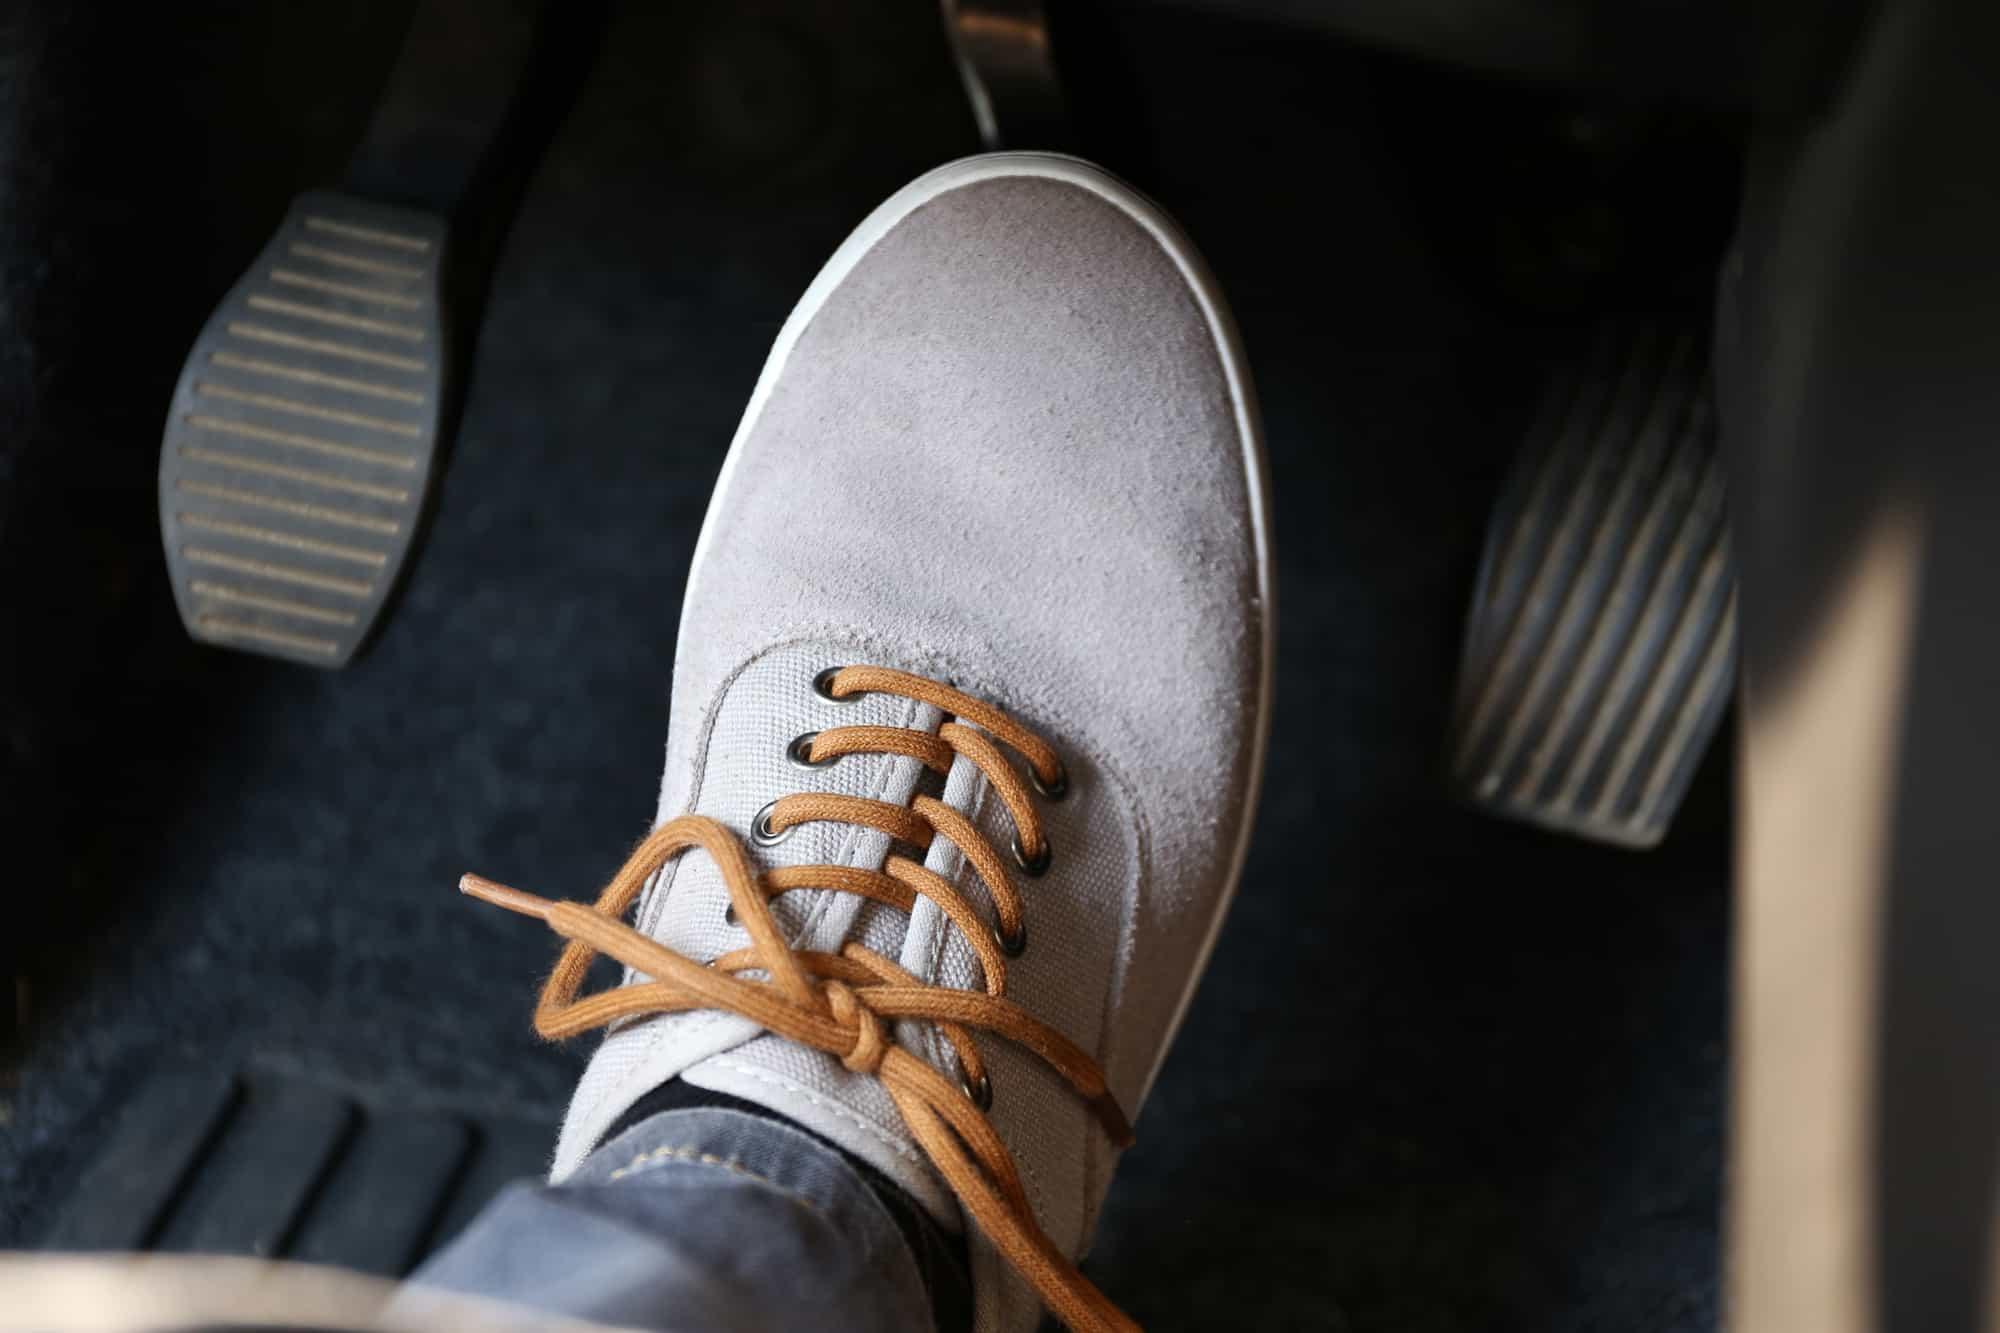 A Human foot pressing a car pedal